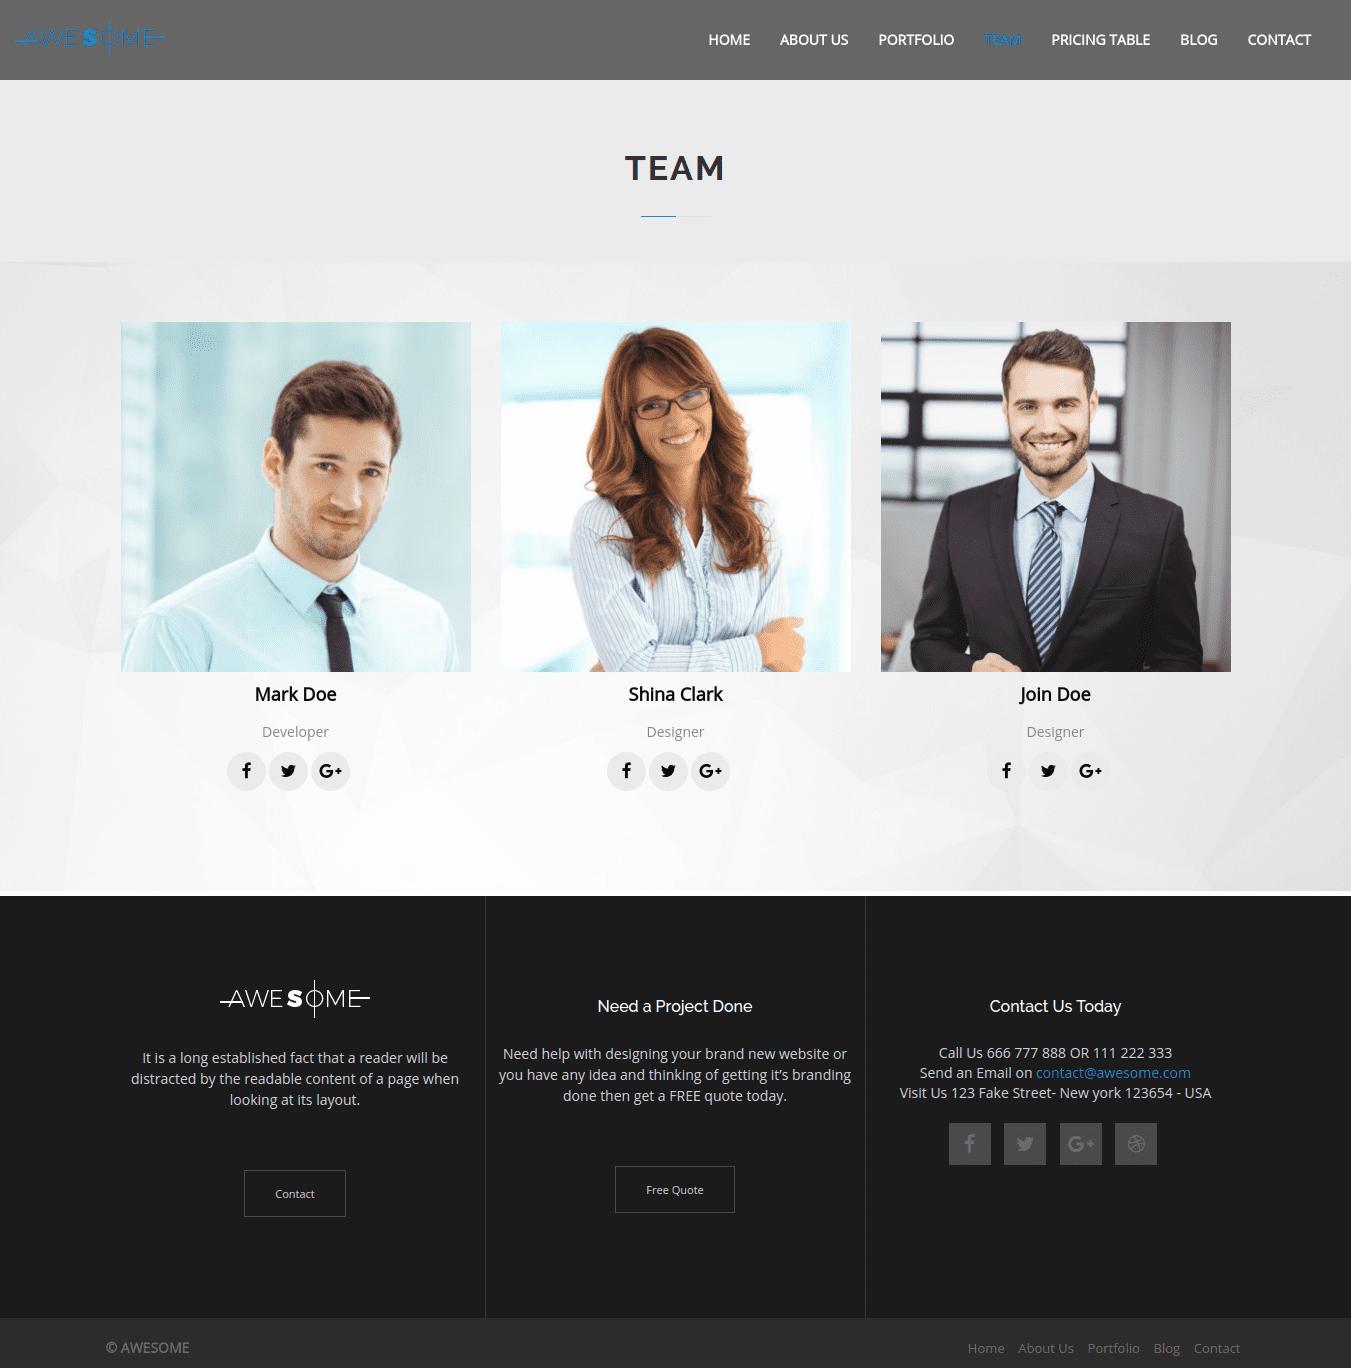 Corp08 Team